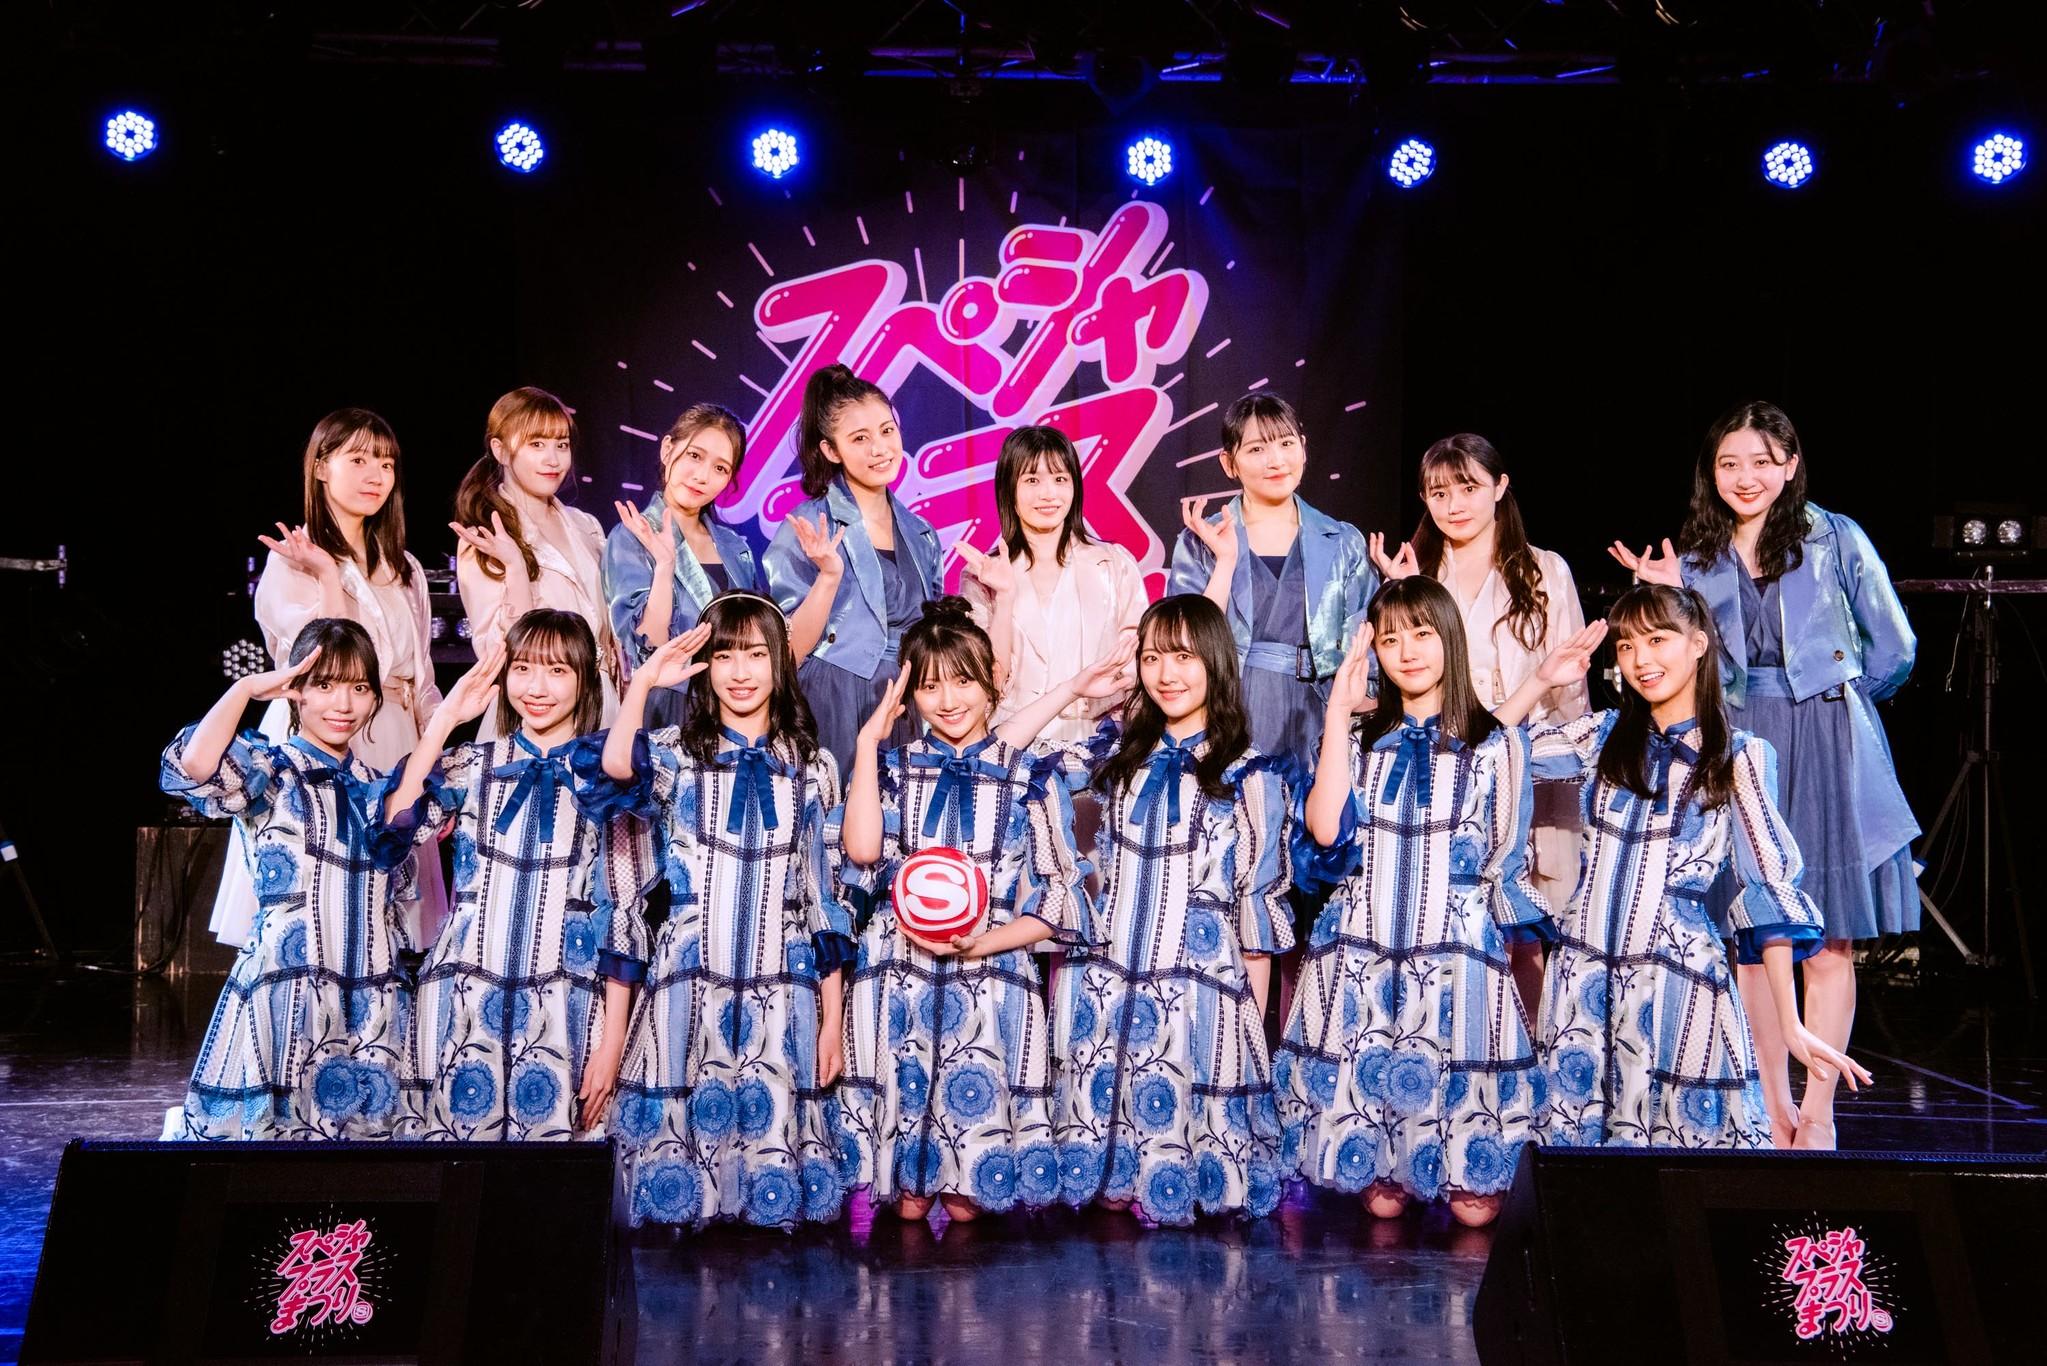 スペースシャワーTVプラス主催ライブイベント「スペシャプラスまつり」初日はつばきファクトリーとSTU48が初対バン!